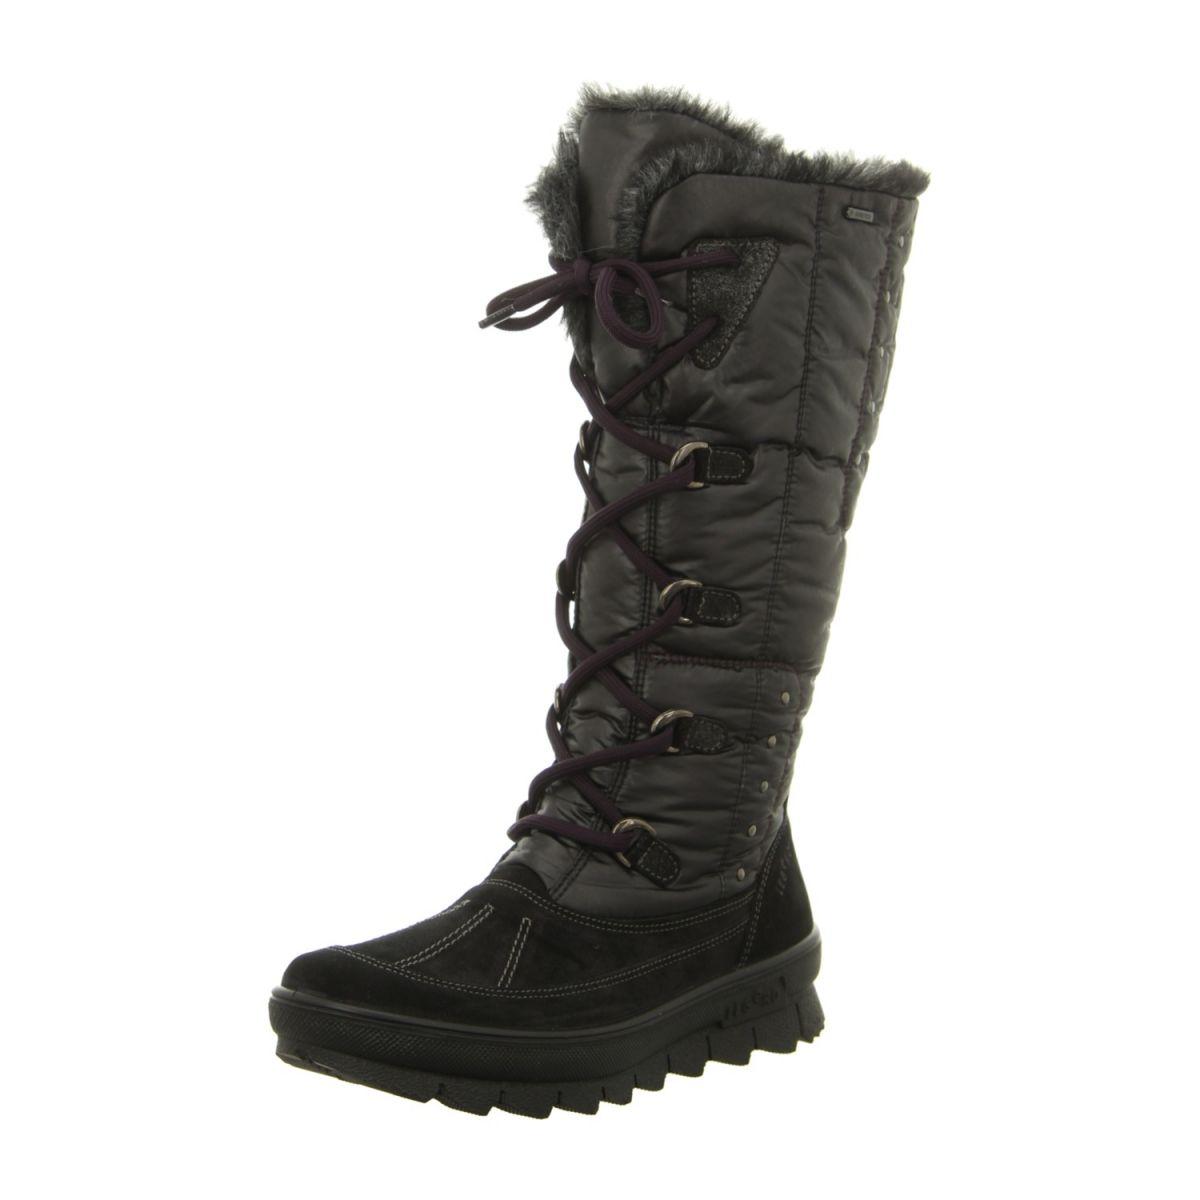 NEU: Legero Stiefel Novara 931 00 schwarz   Schuhe